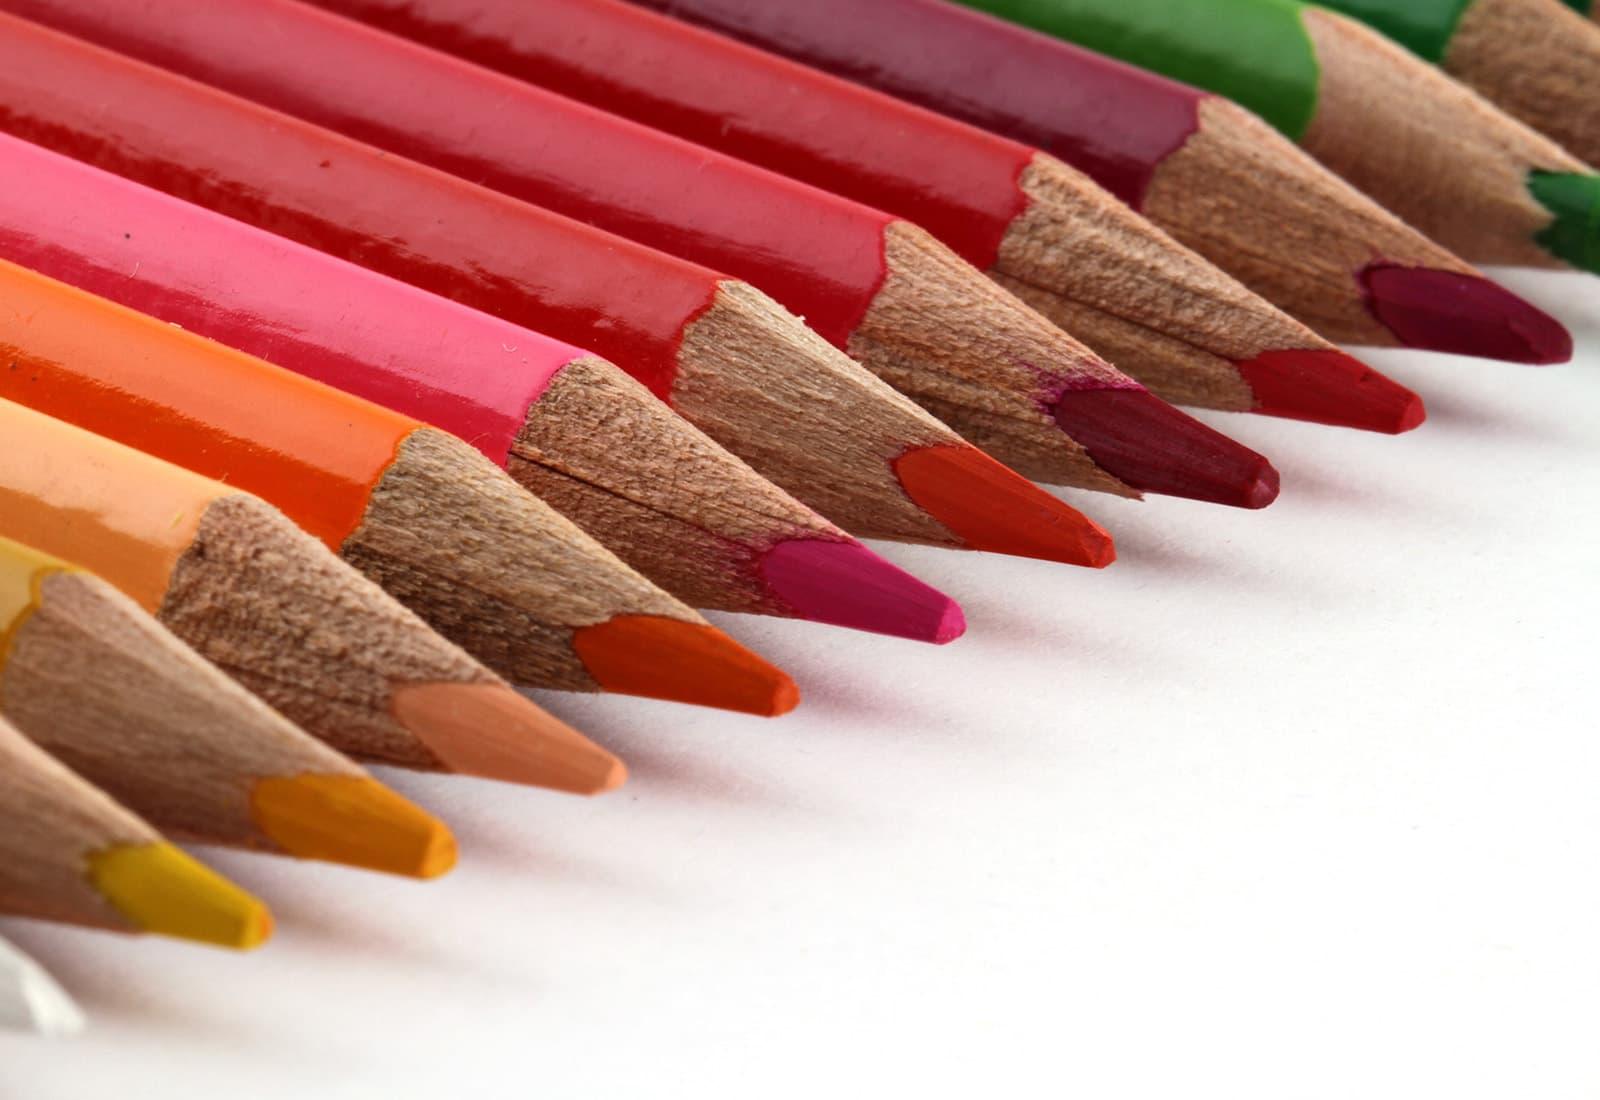 Berufliche Neuorientierung: Perfektionismus oder die Fähigkeit, Fehler zuzulassen.